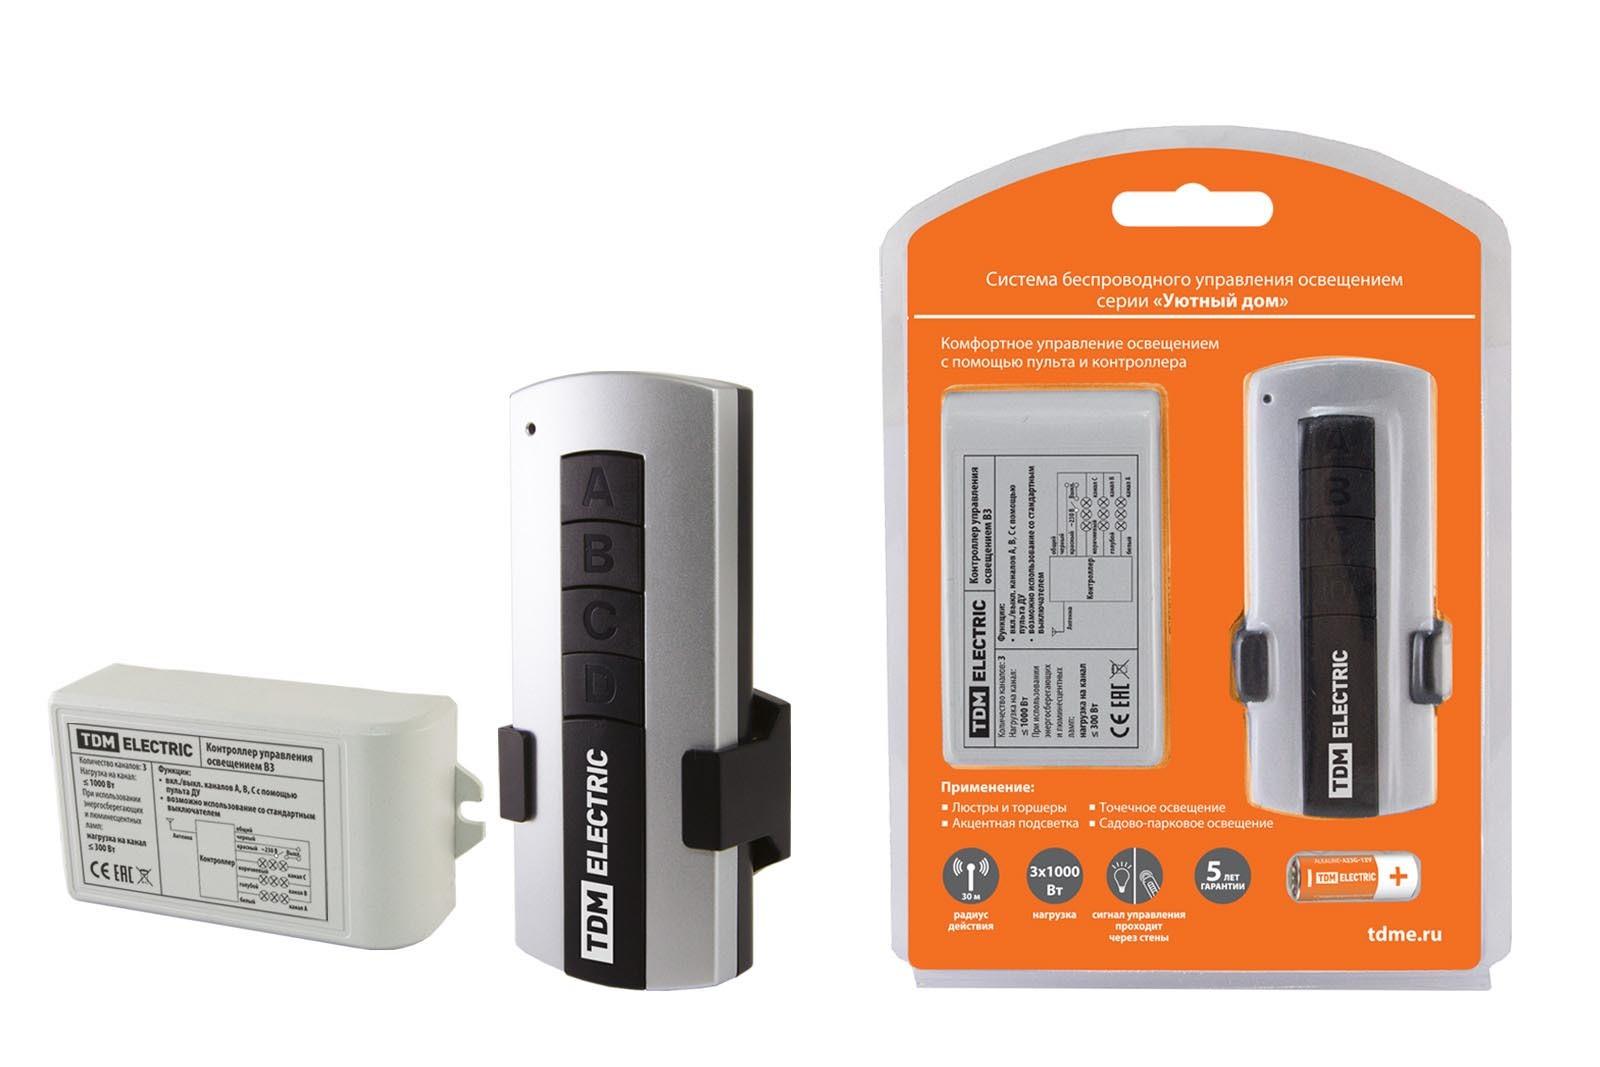 Комплект для беспроводного управления освещением ПУ1-МK-3 (3 канала) Уютный дом